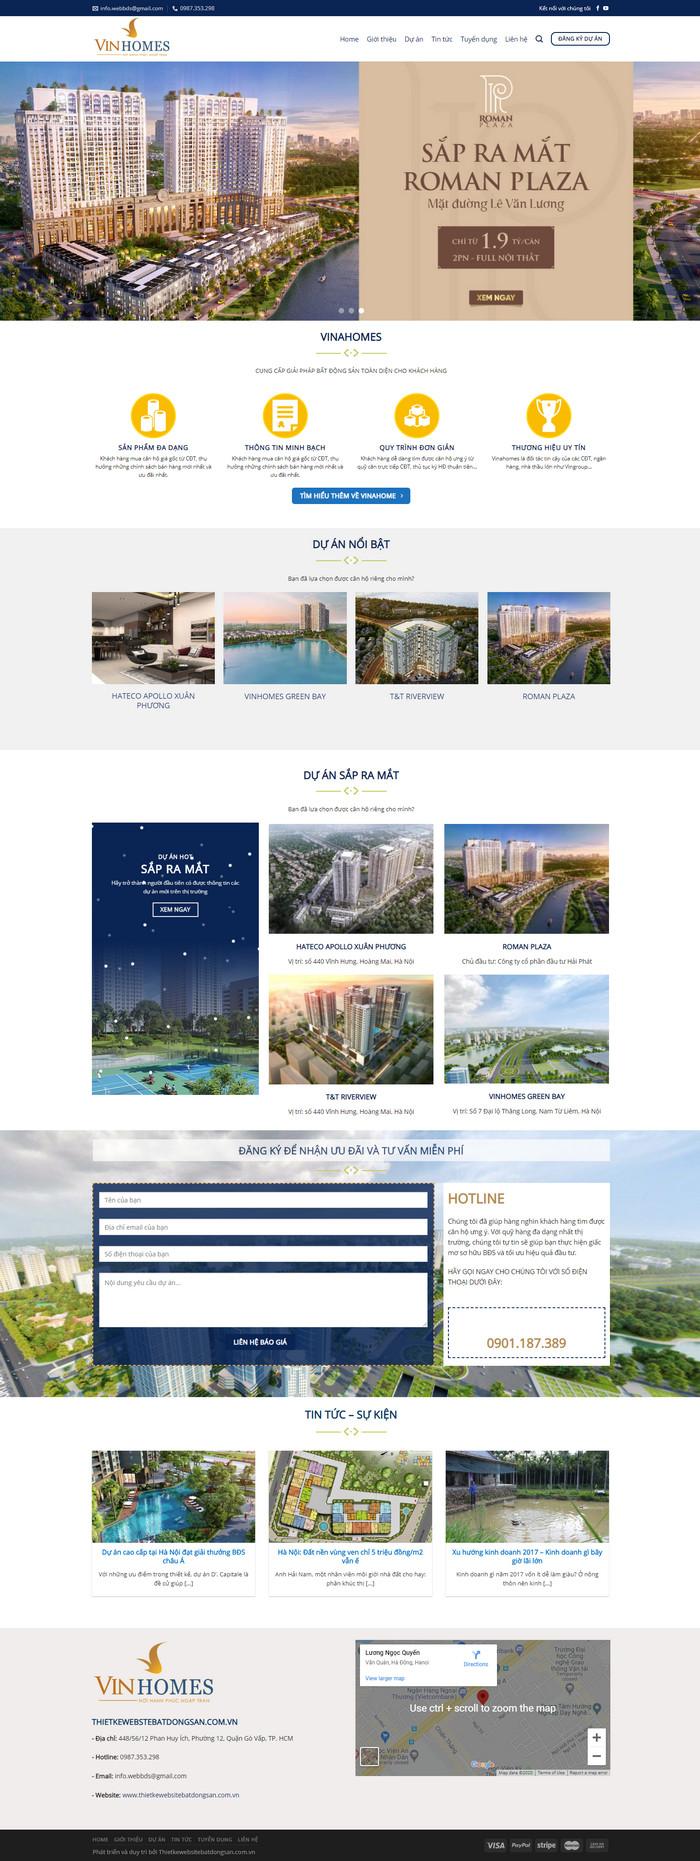 Theme bất động sản tổng hợp nhiều dự án bán chạy nhất M97